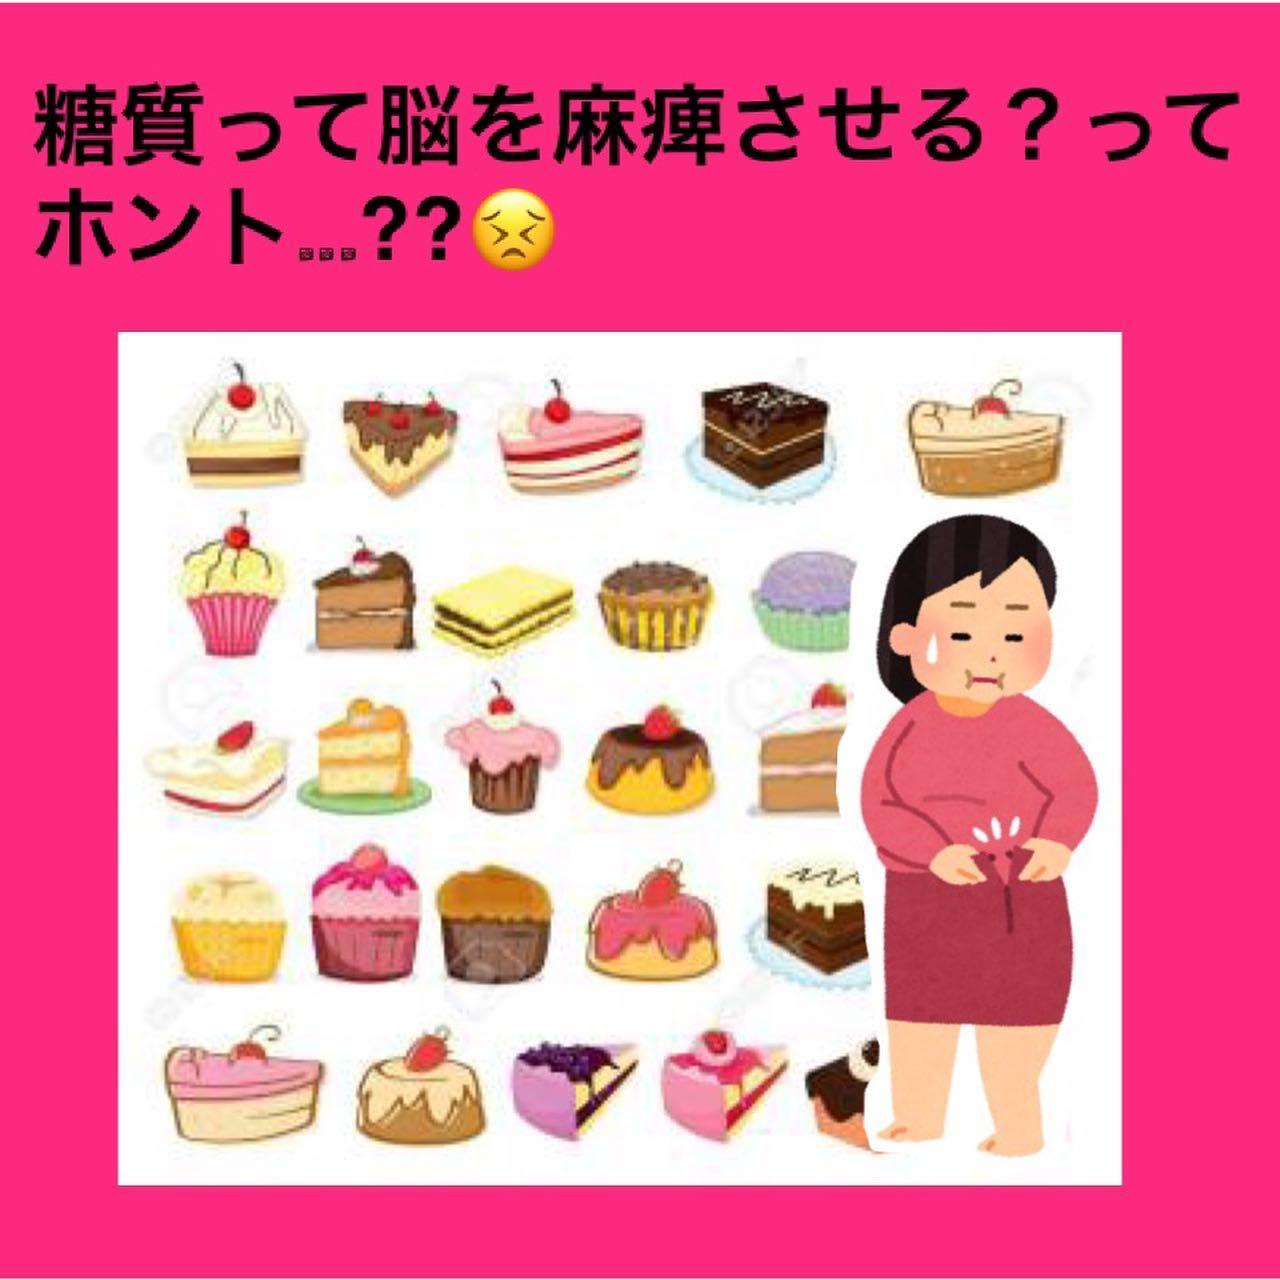 寒さも深まり「食欲のが増す」季節となりましたね🤤 女性男性問わず甘ーいもの︎ いわゆる「糖質」を食べたくなる方が多いのではないでしょうか...?🥺 糖質は程よく取る分には脳を活性化してくれますが、 過剰に摂取することで 脳を麻痺させてしまうんです そのため、食べても食べても糖を欲してしまいます🙁  糖質だけではなく炭水化物も同じ働きをしてしまい、食べた後の血糖値を急激に上げてしまいがちです🏻 糖質や炭水化物は手軽な食べ物に多く含まれていますが、、 お野菜やタンパク質も摂るように意識づけが大切ですね🥺🏻